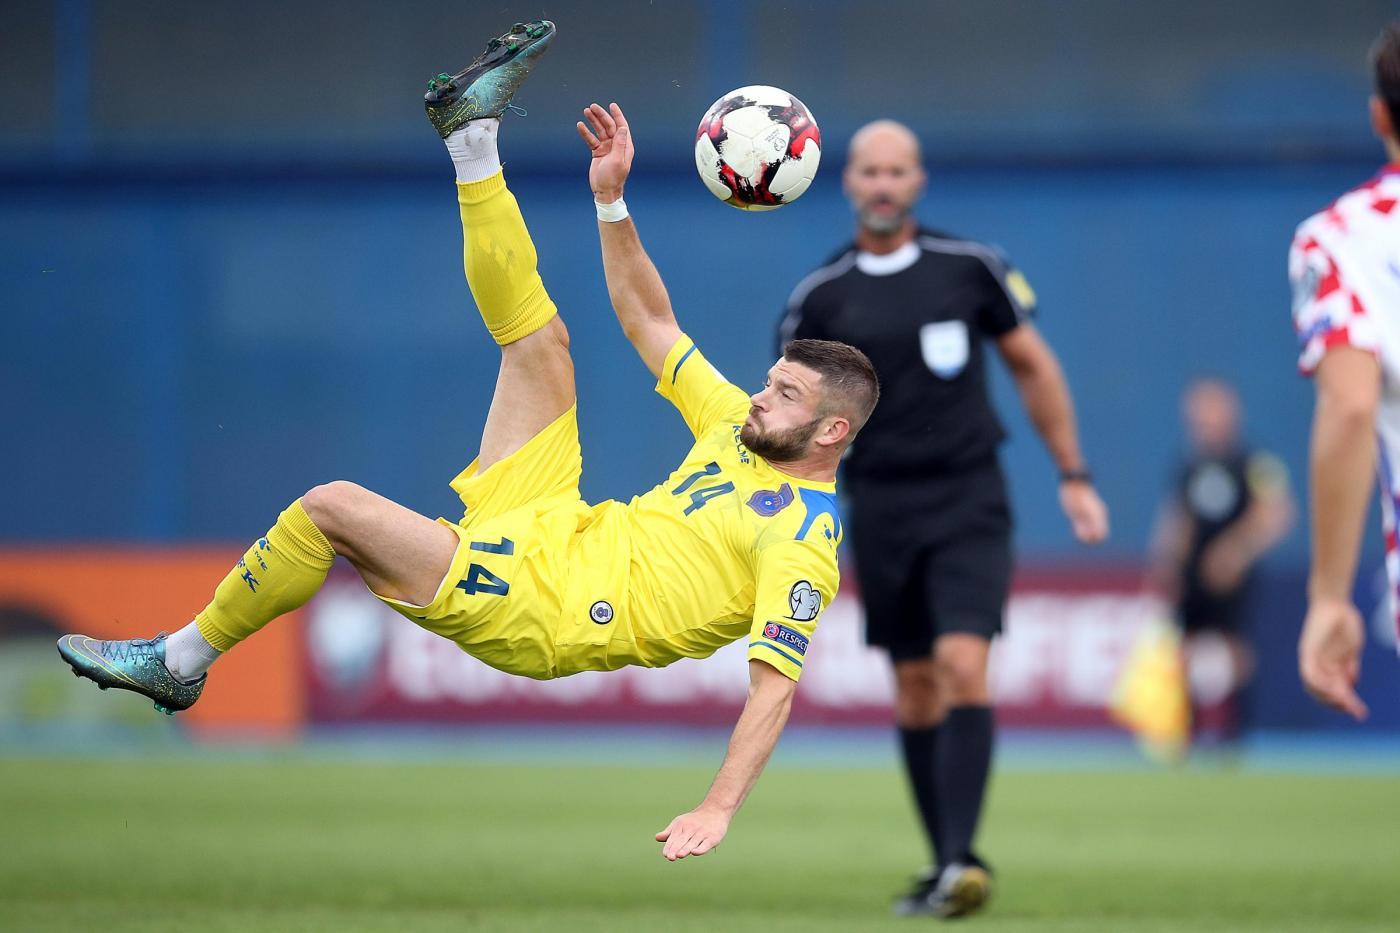 Kosovo-Malta 11 ottobre: si gioca per la terza giornata del gruppo C della divisione D della Nations League. Locali favoriti per i 3 punti.